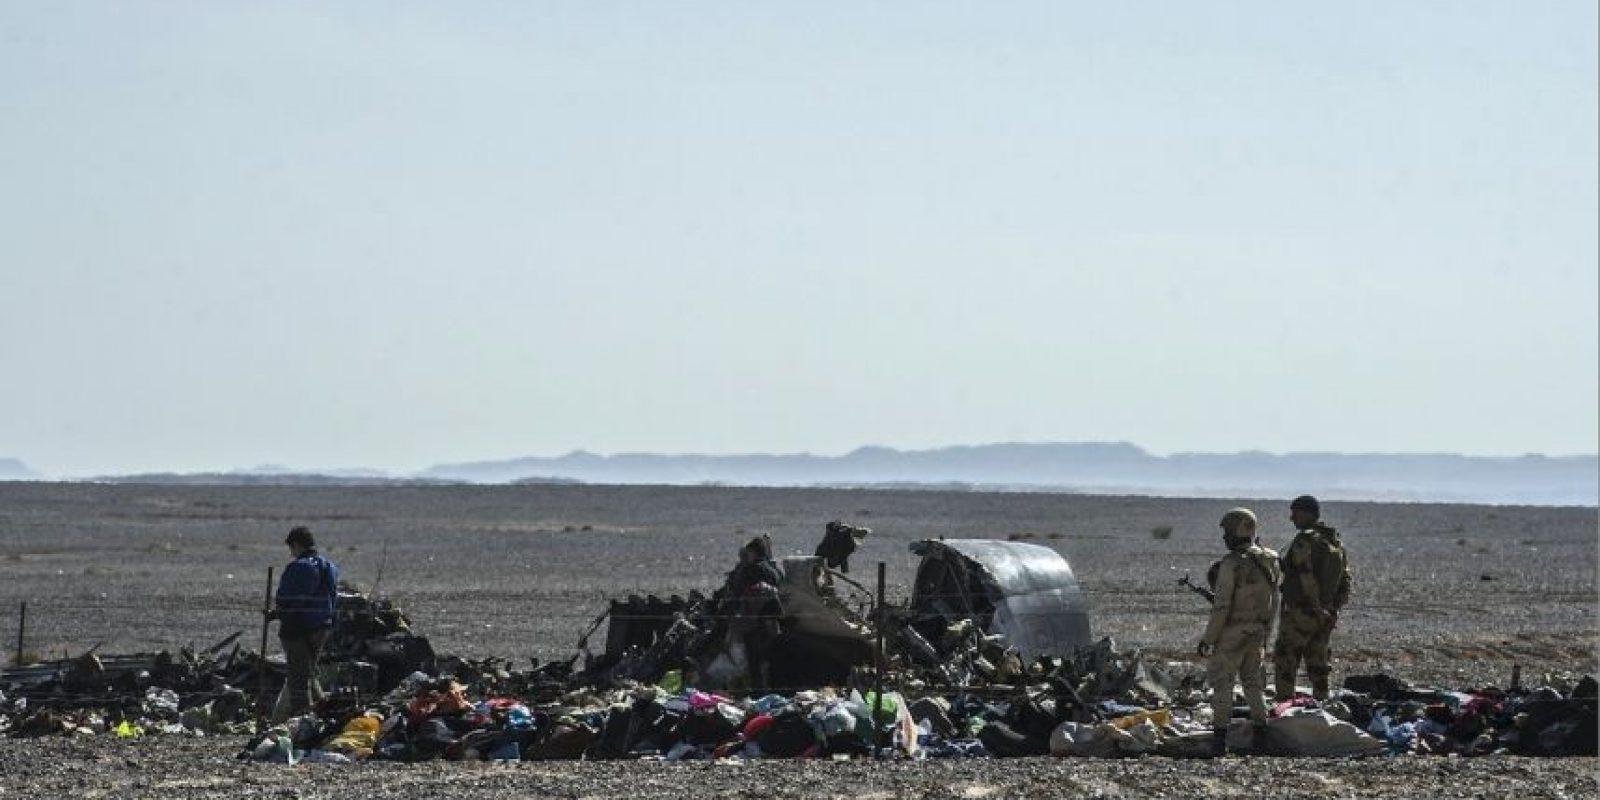 Llevaba 217 pasajeros y 7 tripulantes Foto:AFP